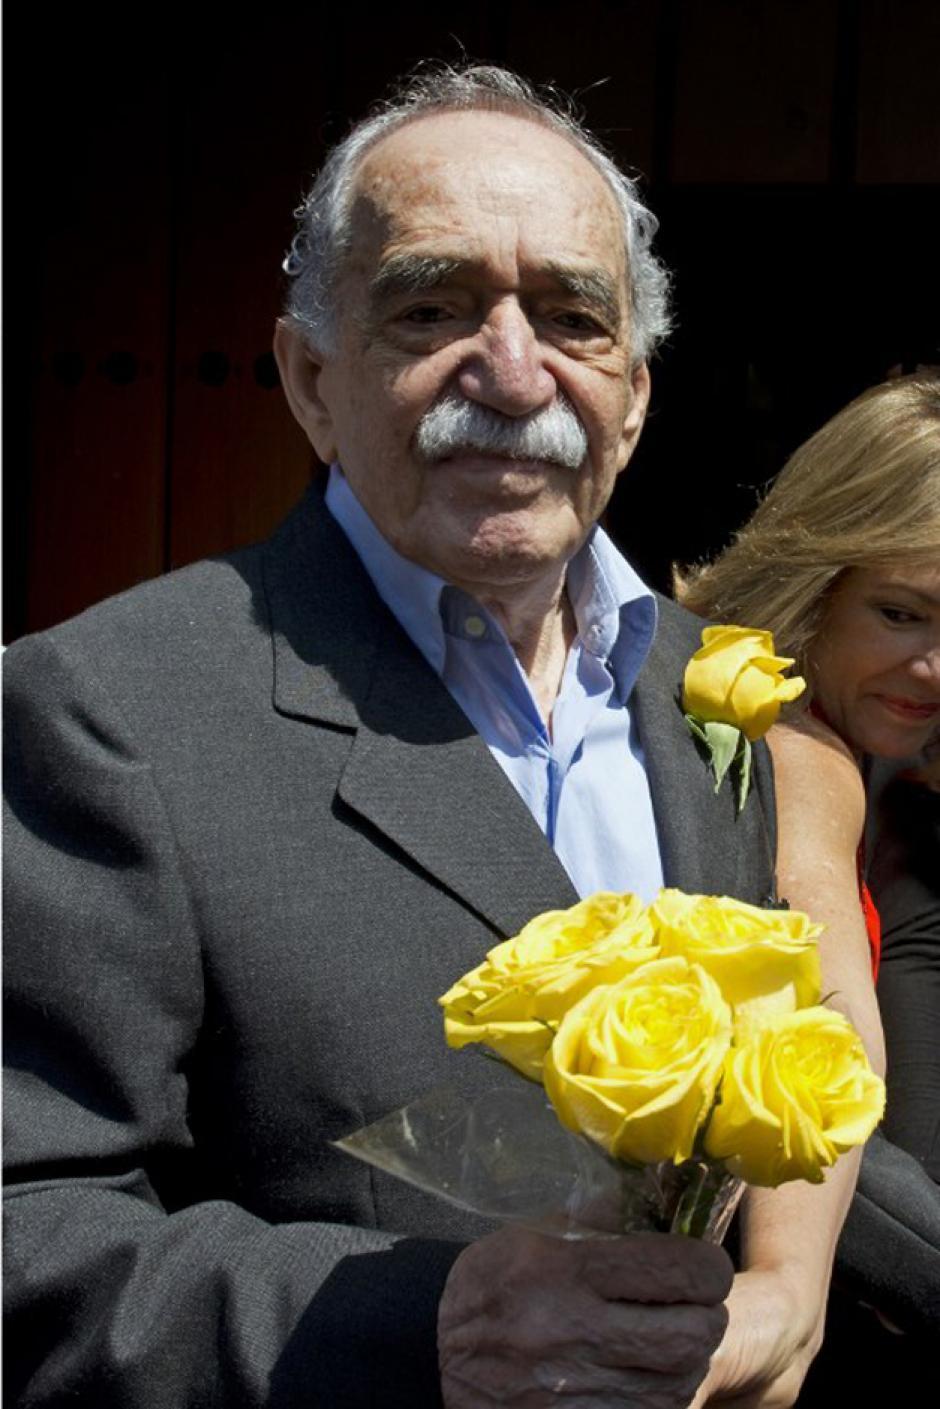 El 6 de marzo pasado, Gabo recibió un ramo de flores amarillas por su cumpleaños 87; los periodistas cantaron las mañanitas y Gabo coreó y saludó. (Foto: AFP)